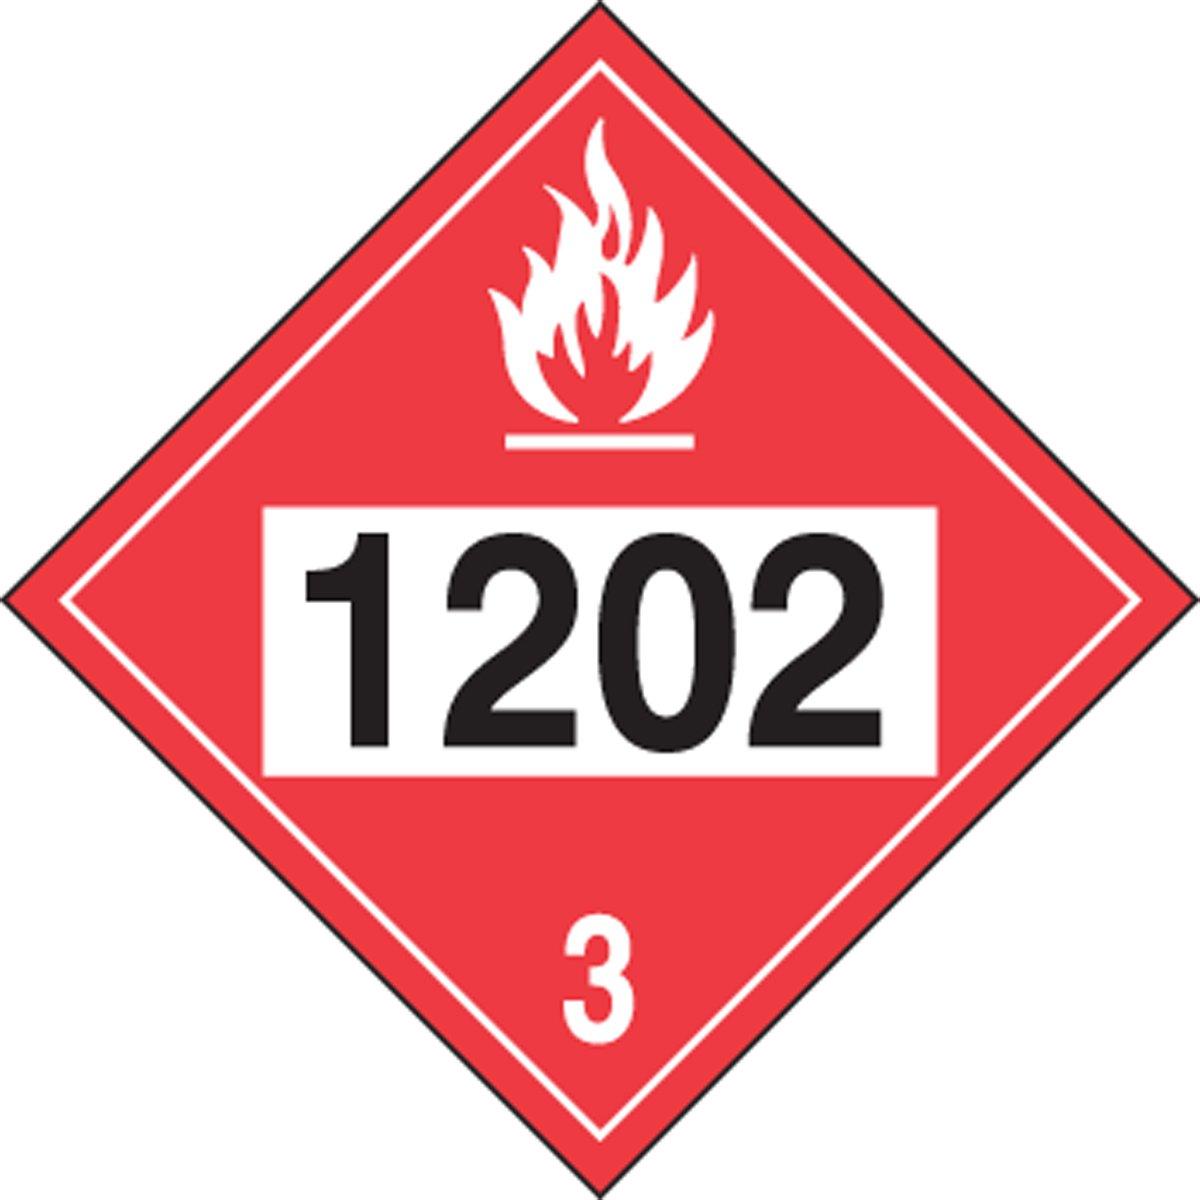 todos Los Materiales mmg24 Pila correctamente los signos y pegatinas de todos Los Tamaños libre p+p